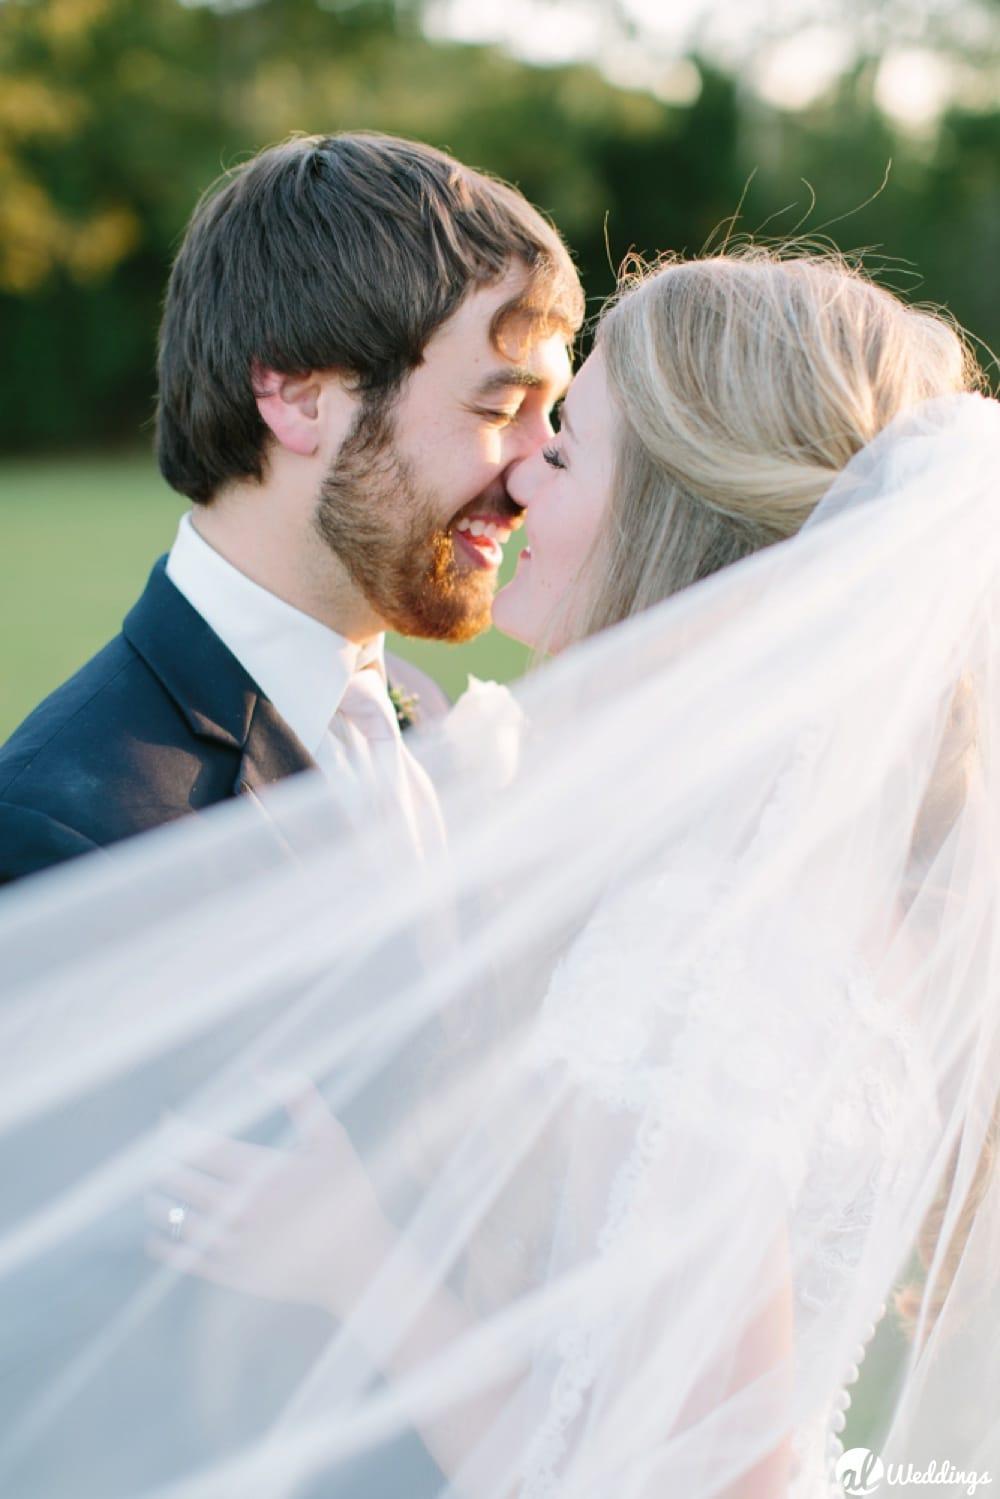 Meg + Dean | Back Yard Wedding | huntsville, Alabama Photographer-170